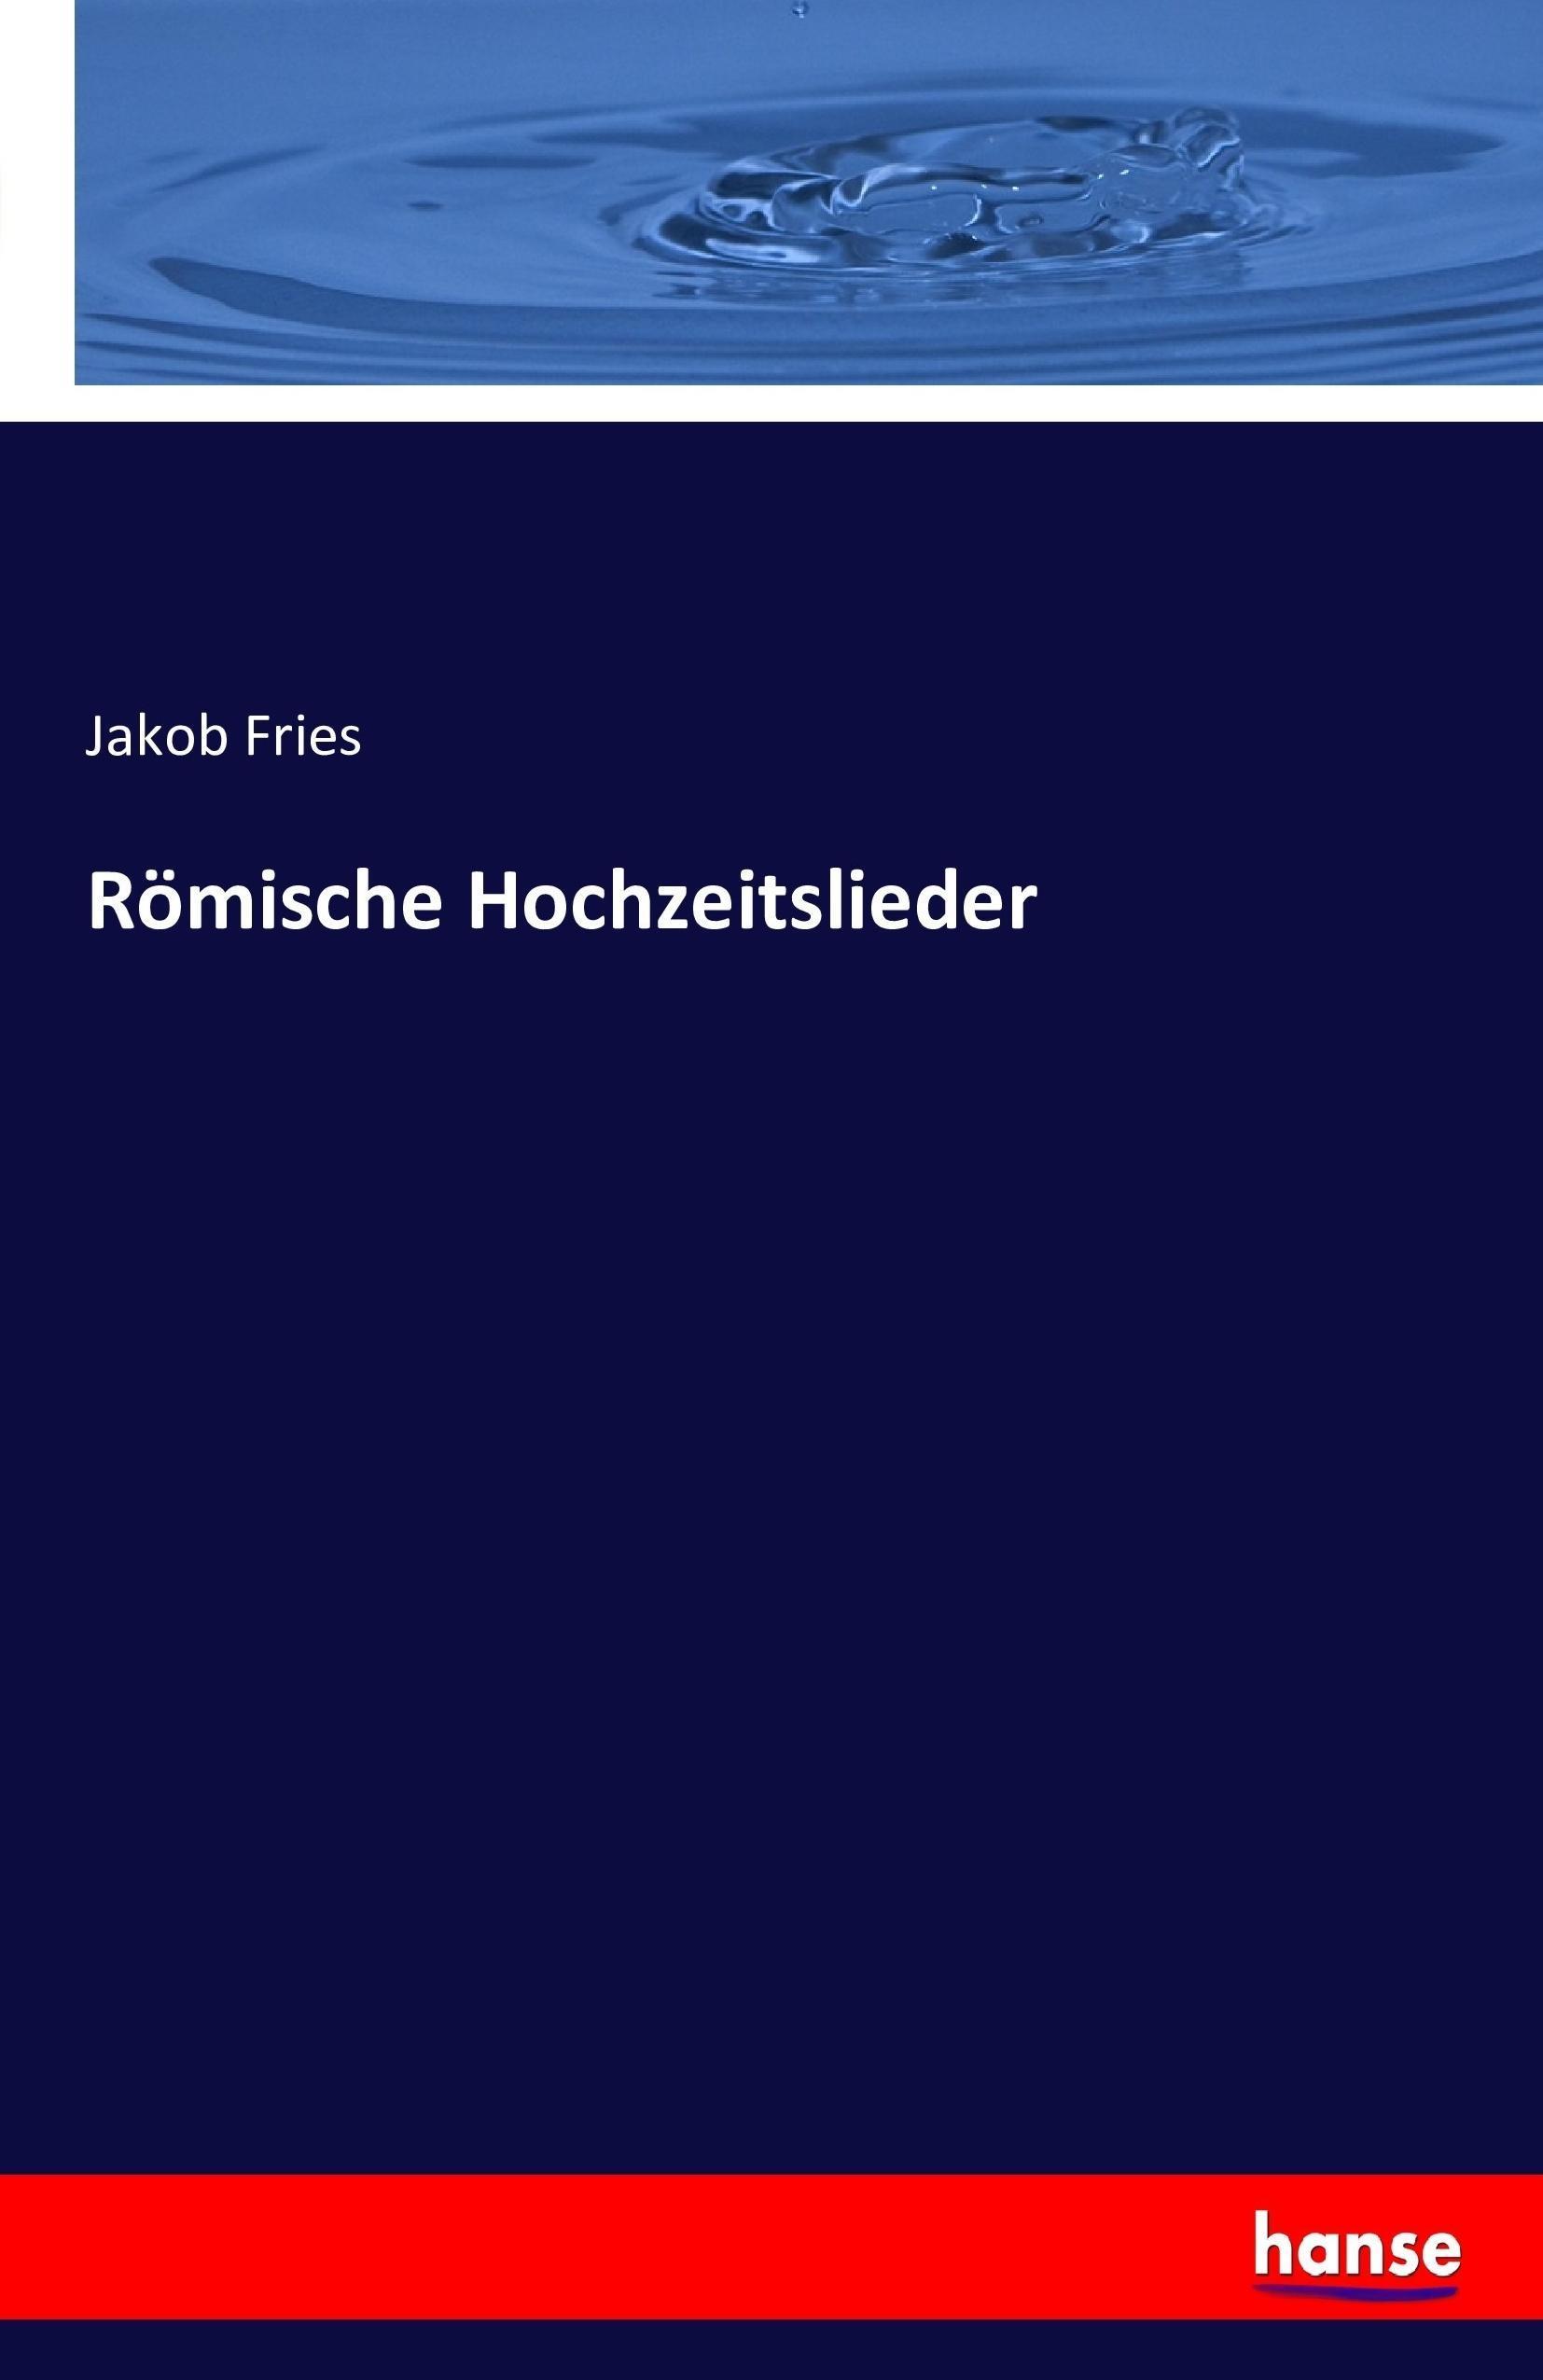 Jakob Fries / Römische Hochzeitslieder9783741140525